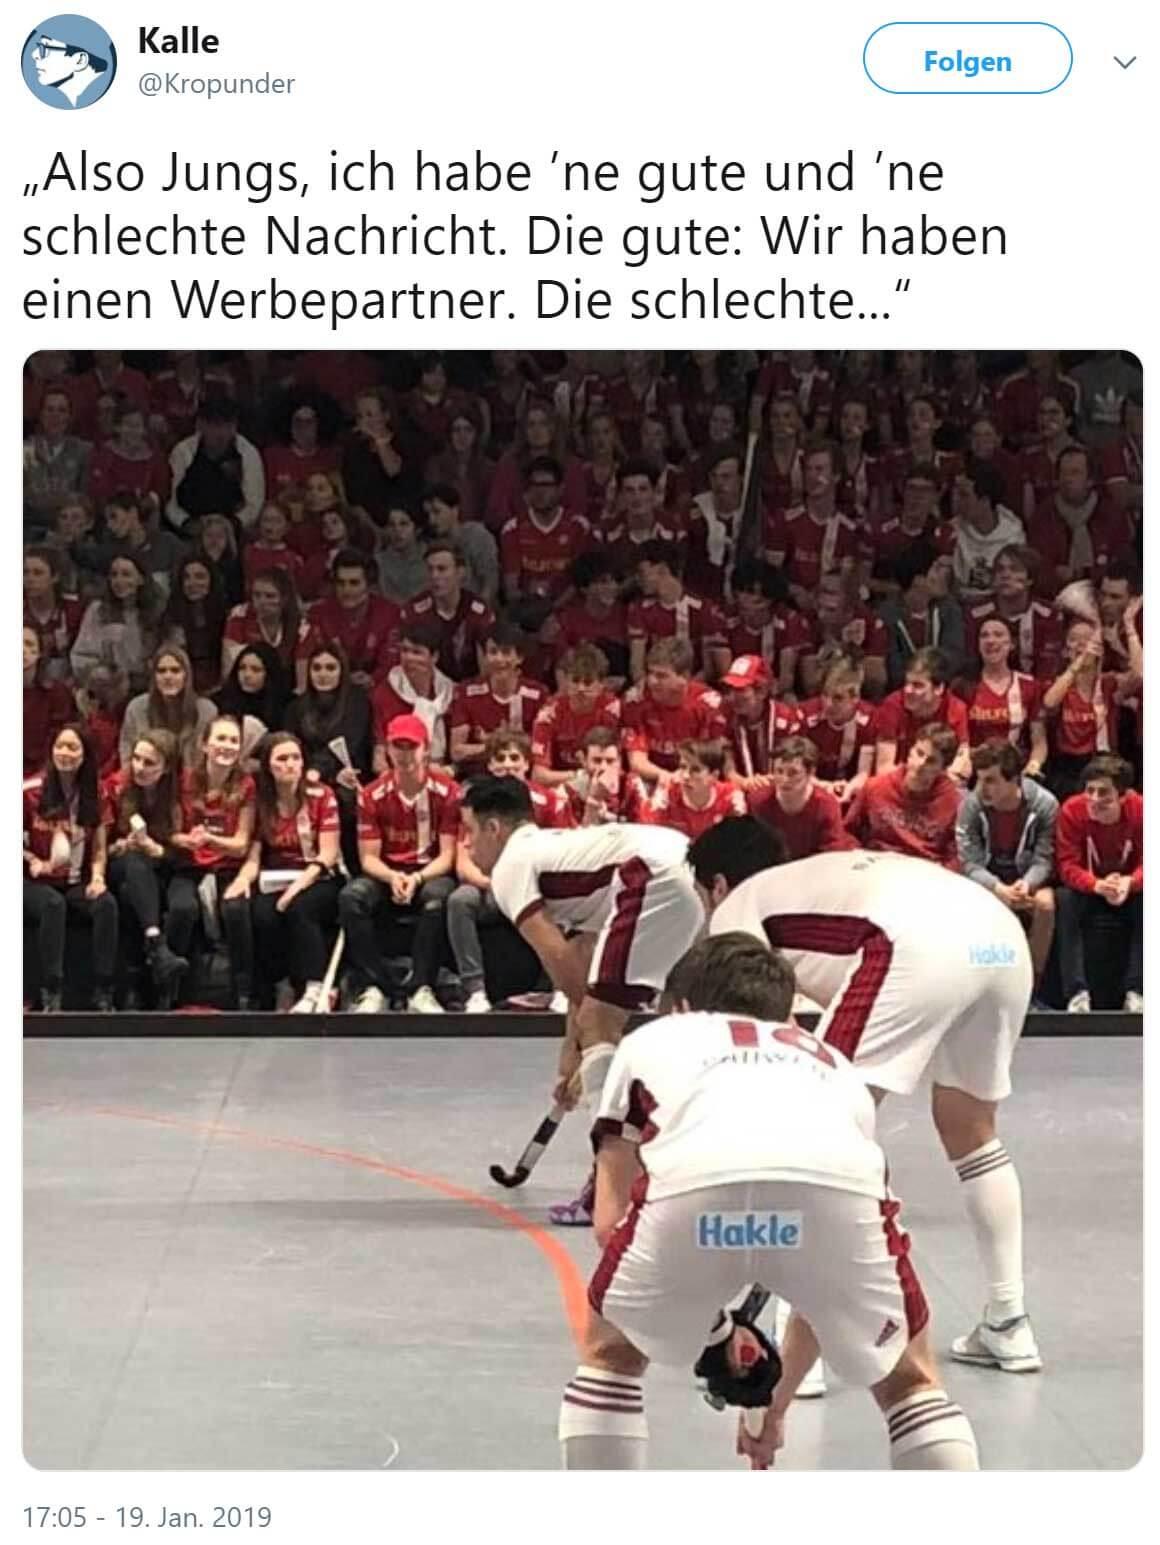 Bilderparade DXXXIV LangweileDich.net_Bilderparade_DXXXIV_12